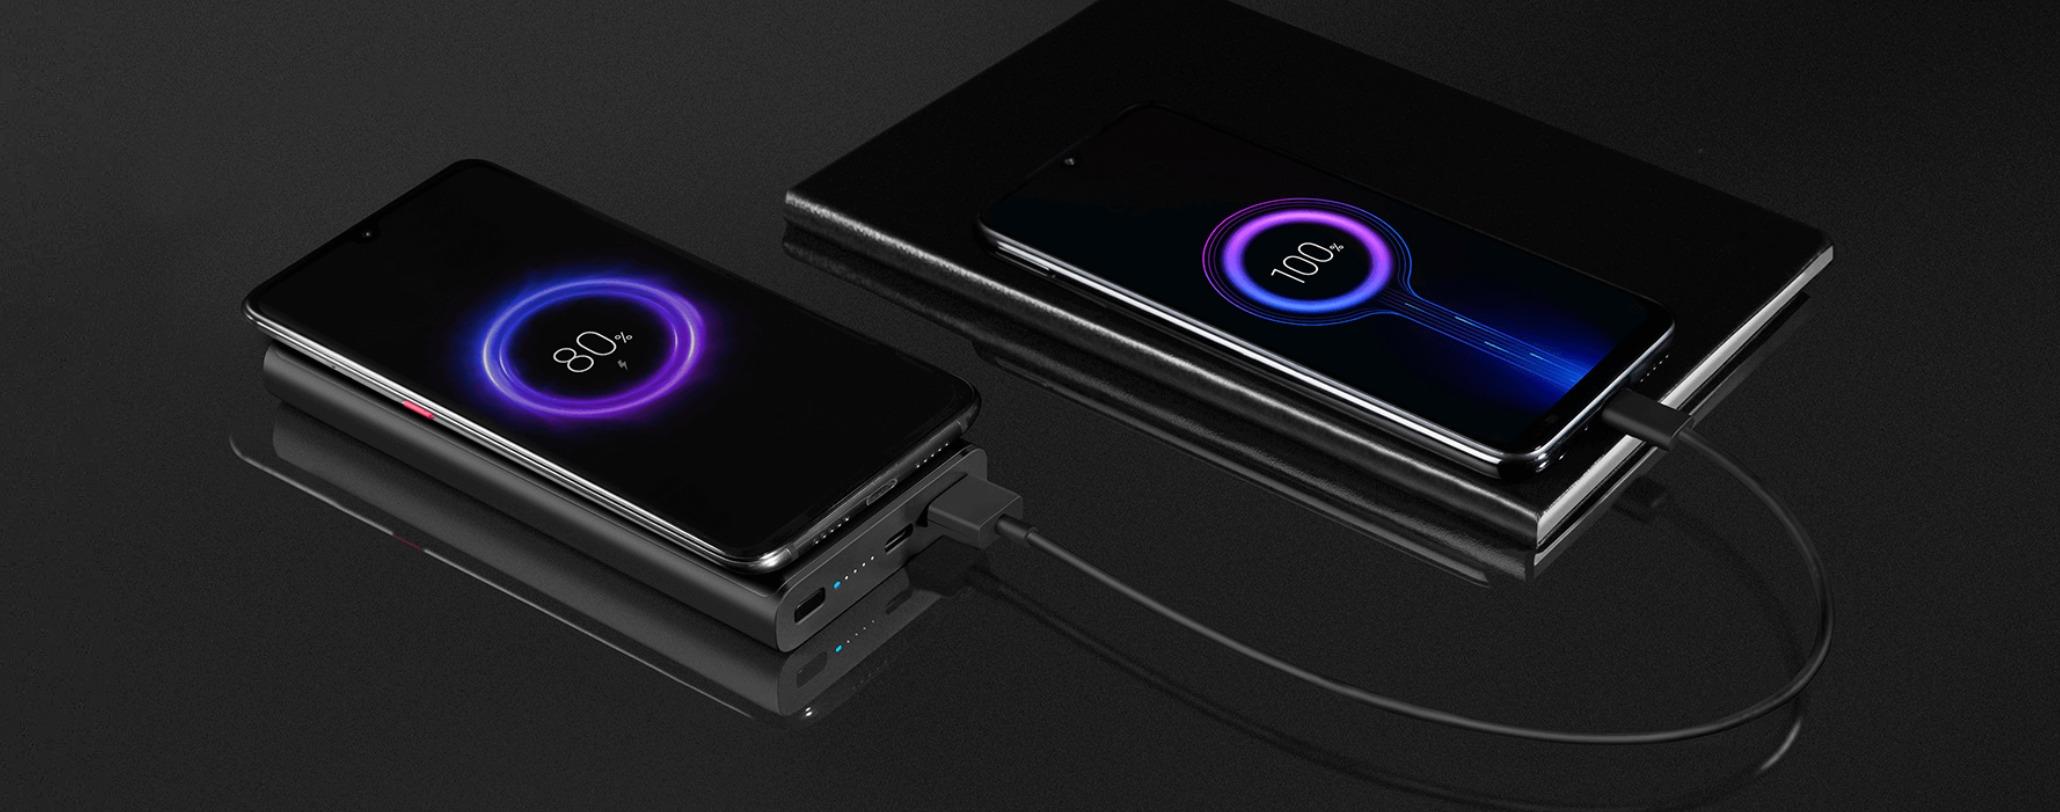 xiaomi wireless power bank2